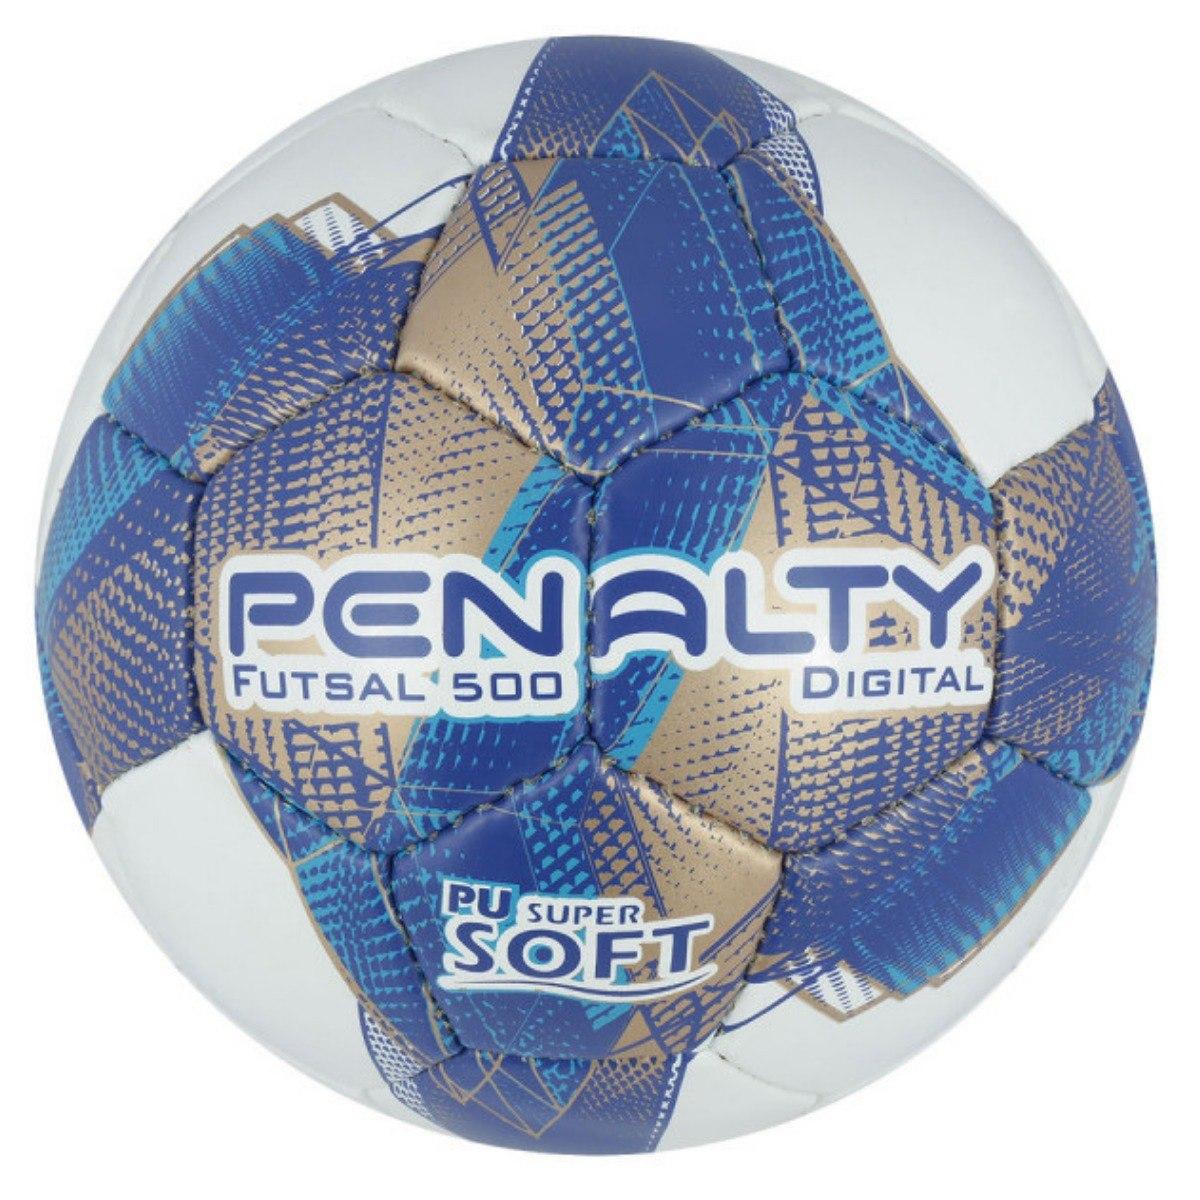 bola futsal penalty digital 500 com costura à mão 7 - branco. Carregando  zoom. 6d354442bab2d